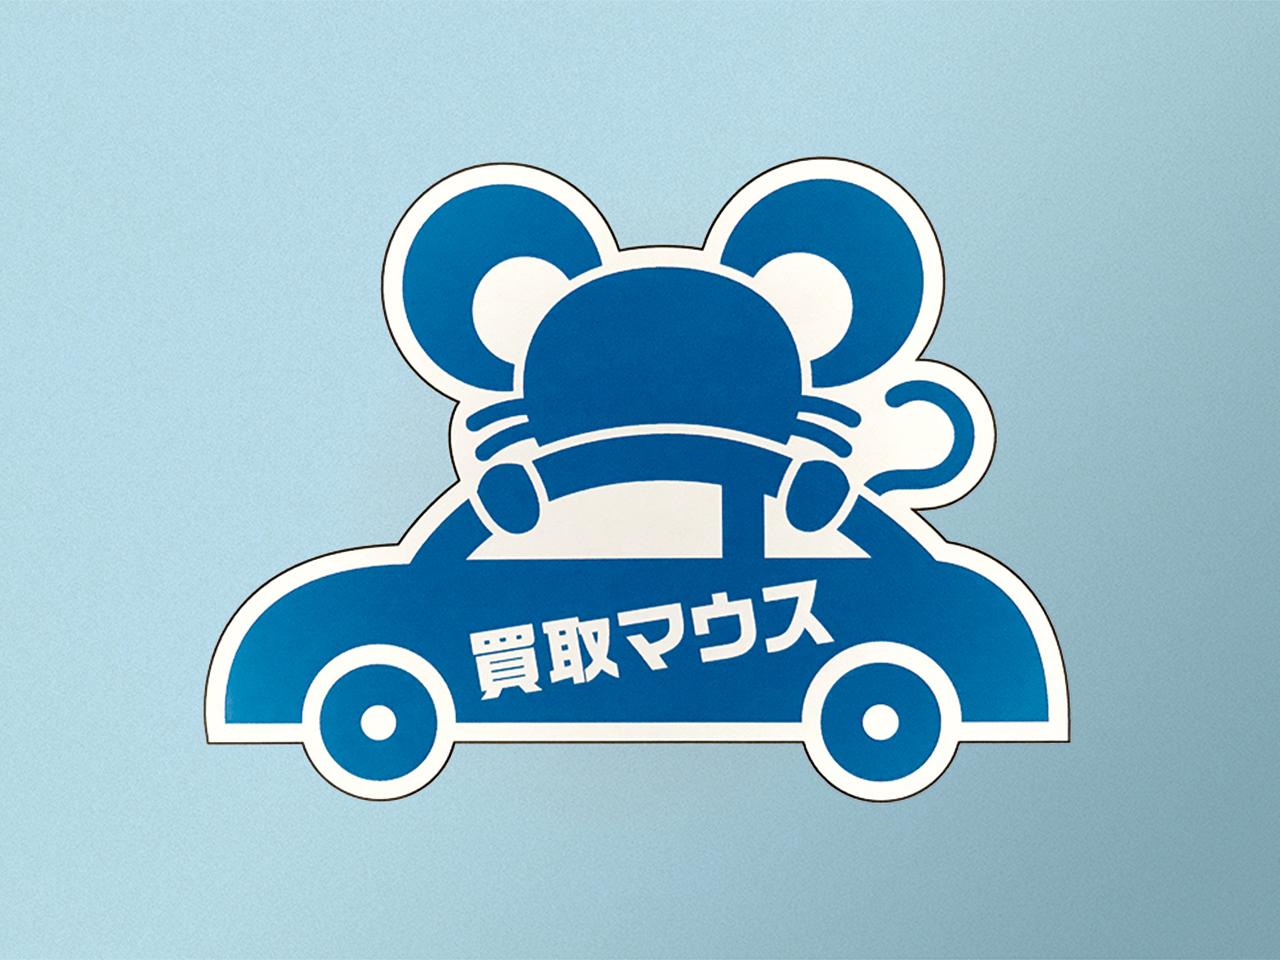 お車買取マウスのイメージ